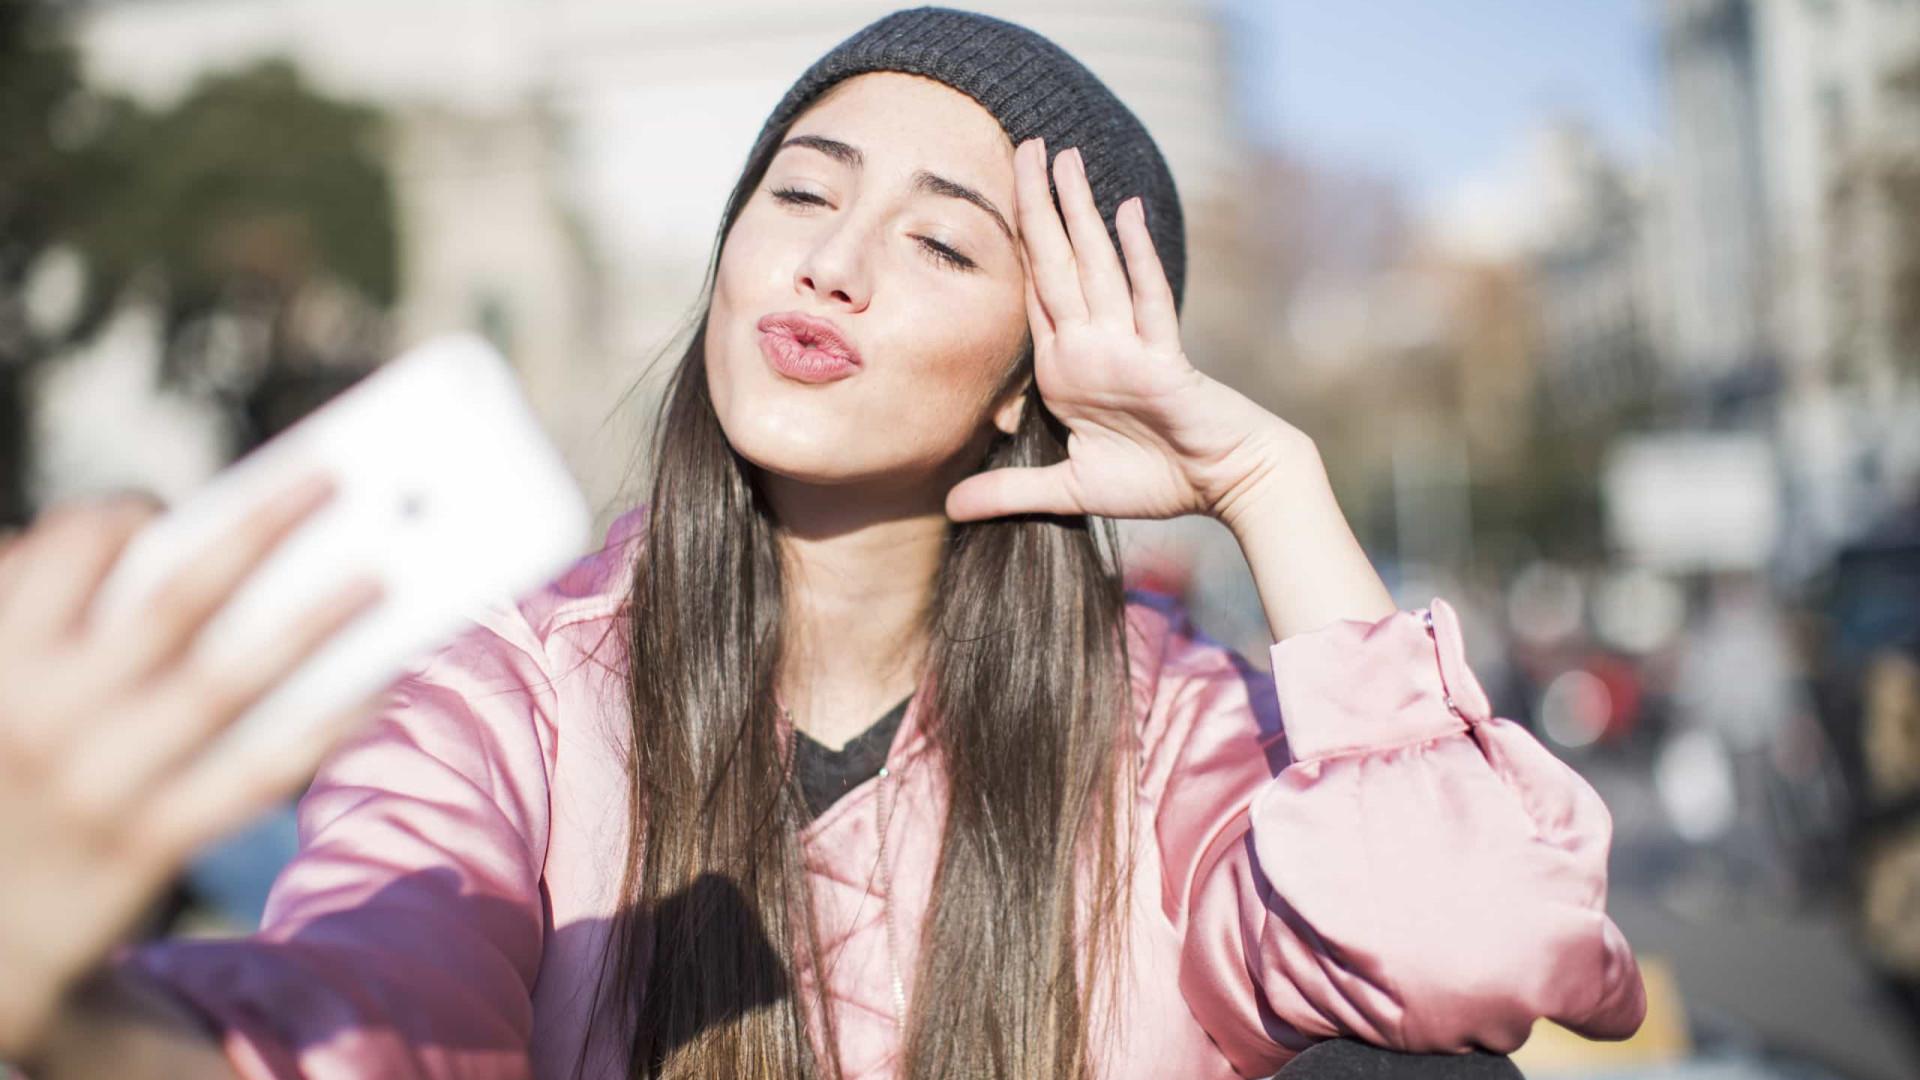 Evite selfies básicas: quatro dicas para tirar a foto perfeita